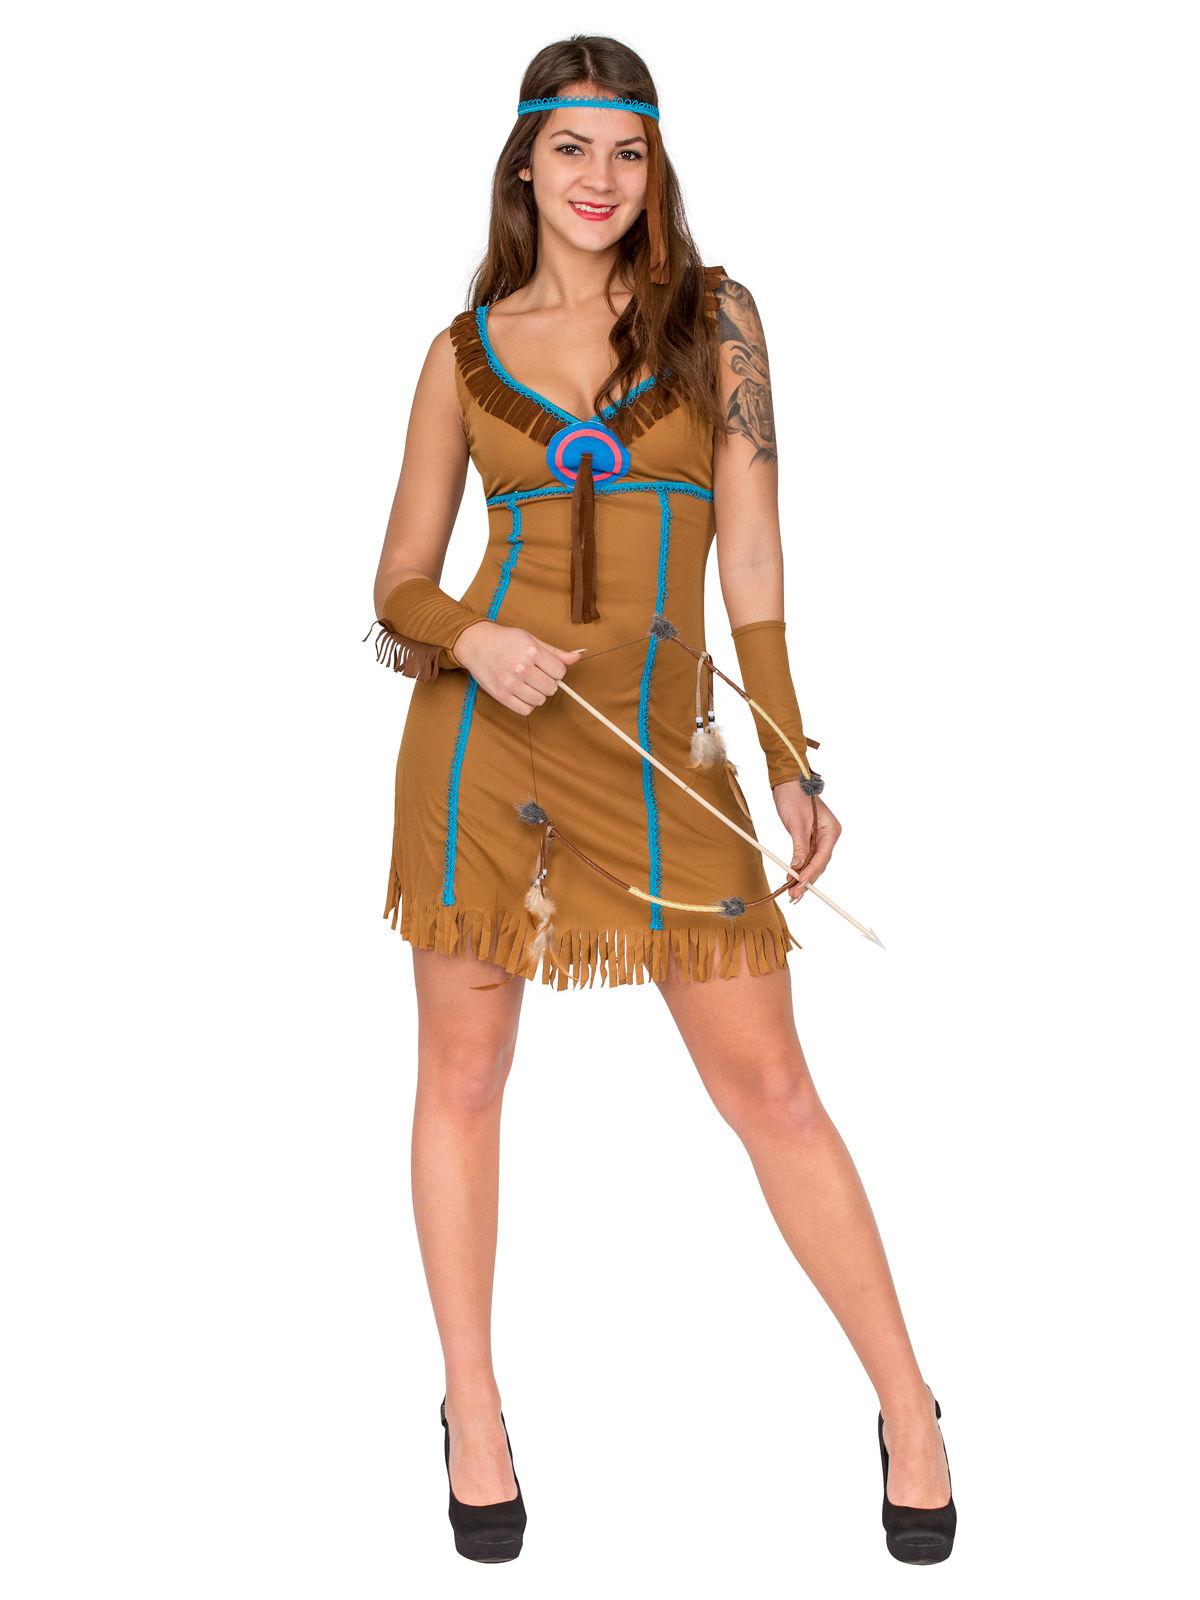 fbcb127ea164 Déguisement indienne femme marron et bleu   Deguise-toi, achat de ...